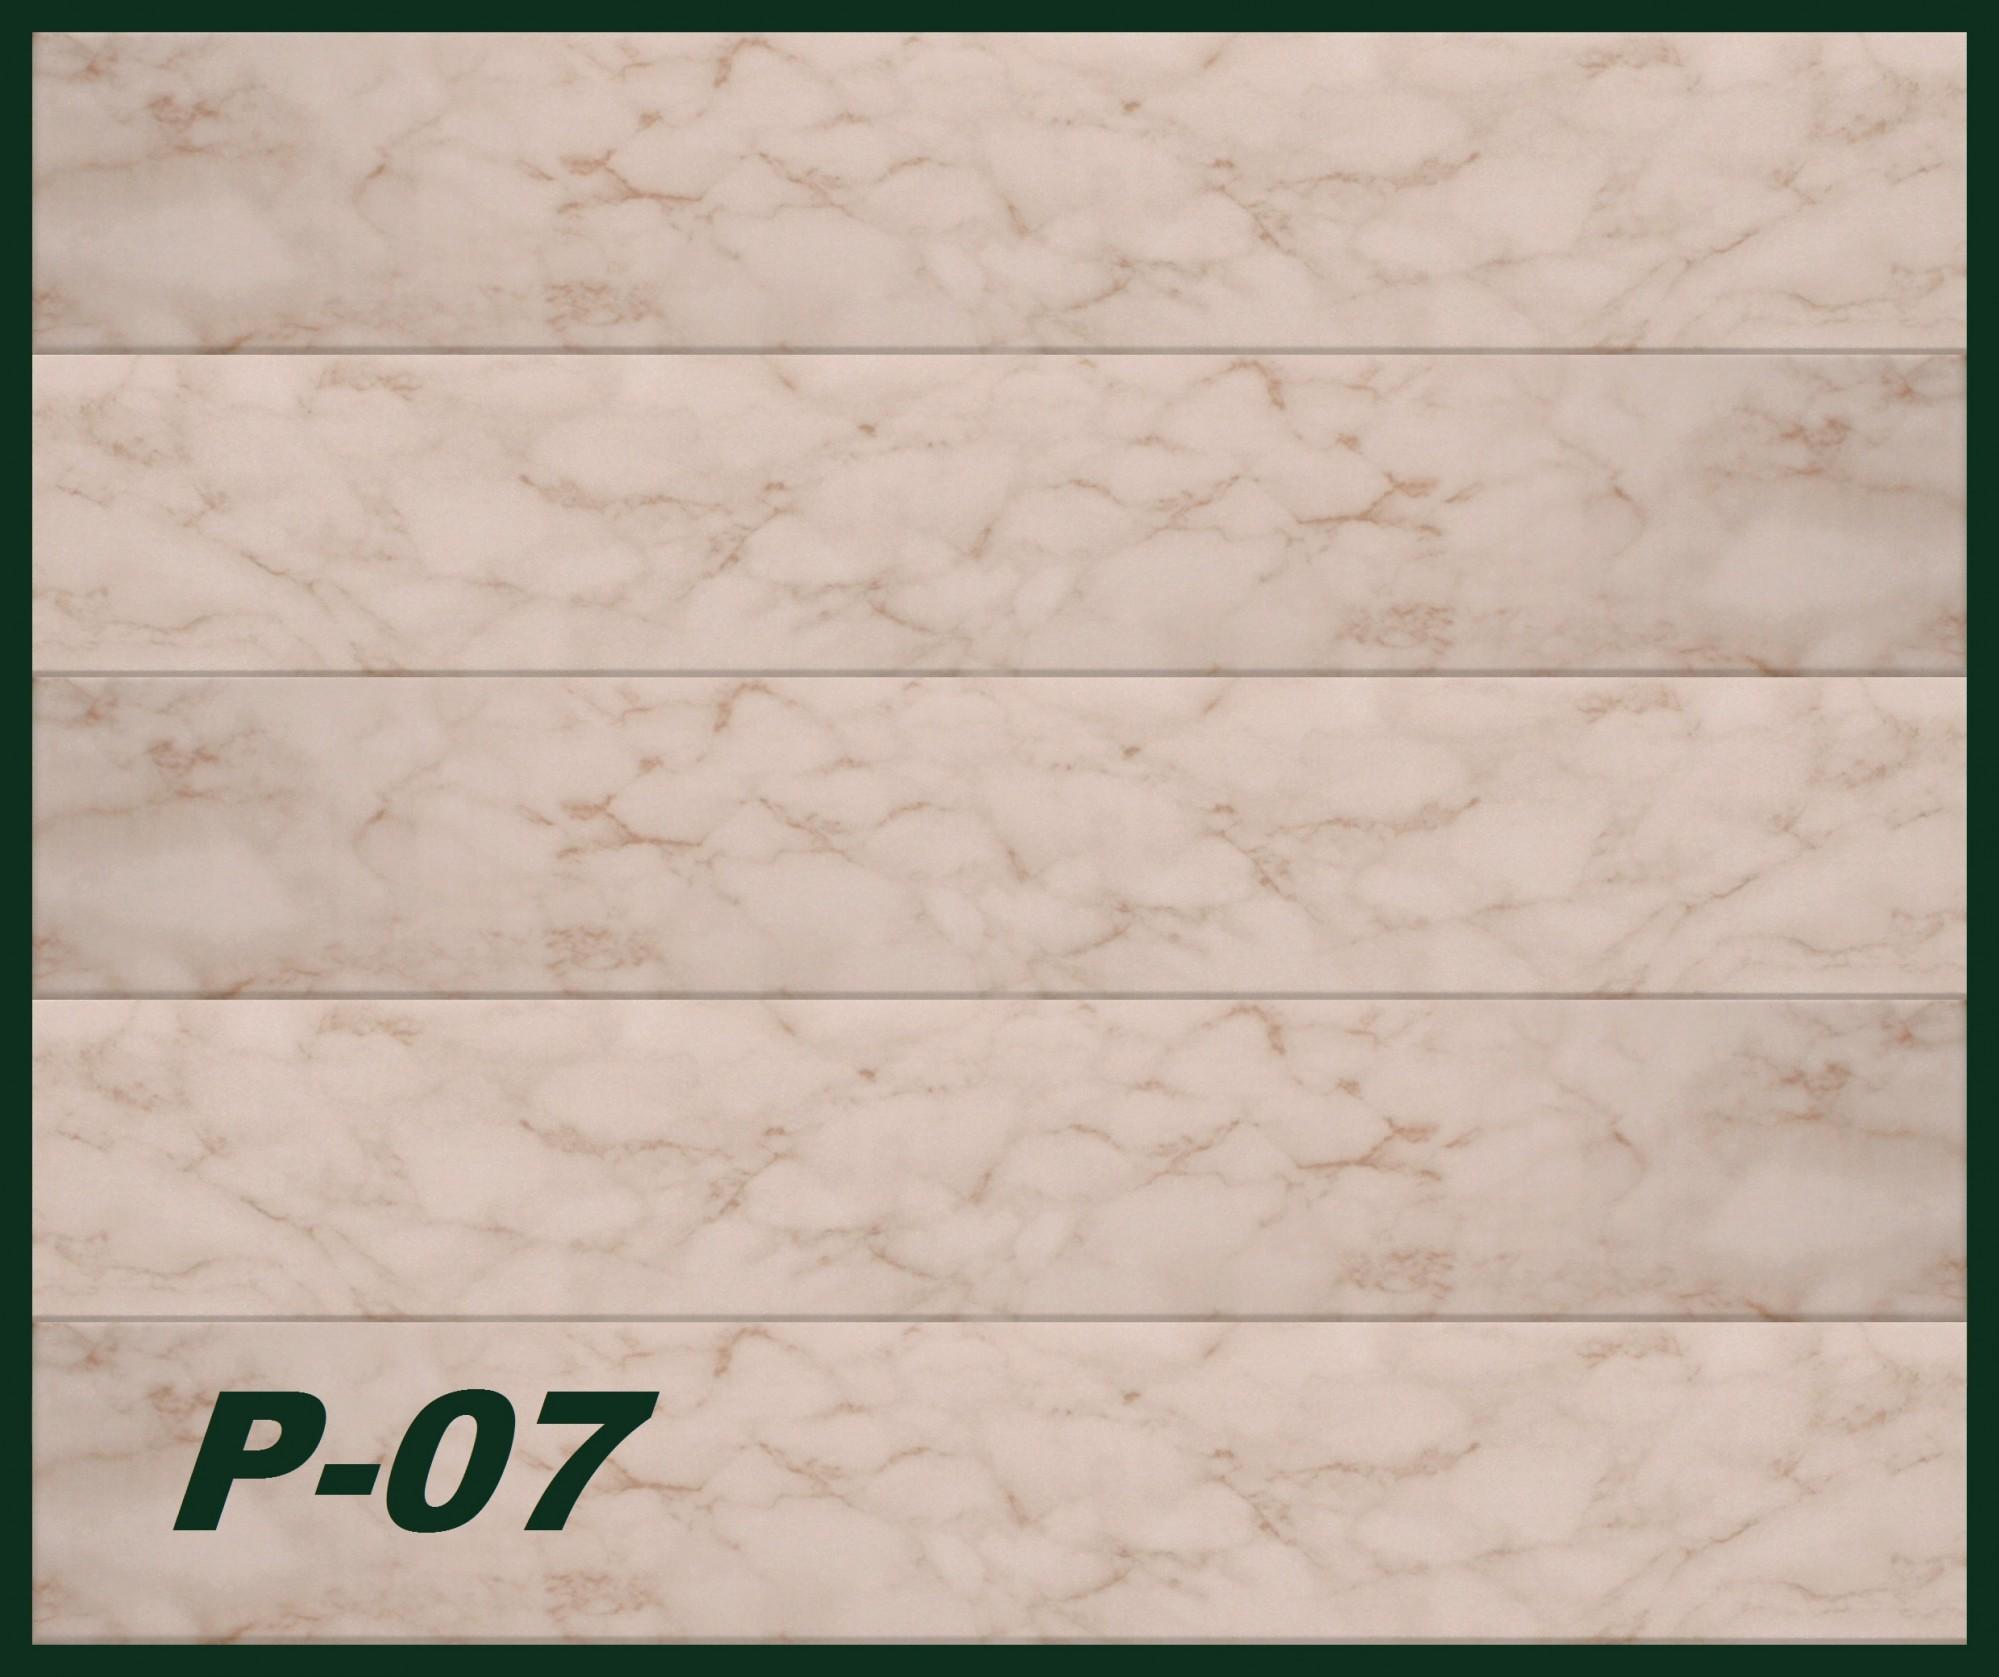 1 m2 xps wandpaneele wandgestaltung decke dekoration - Styropor wandpaneele ...